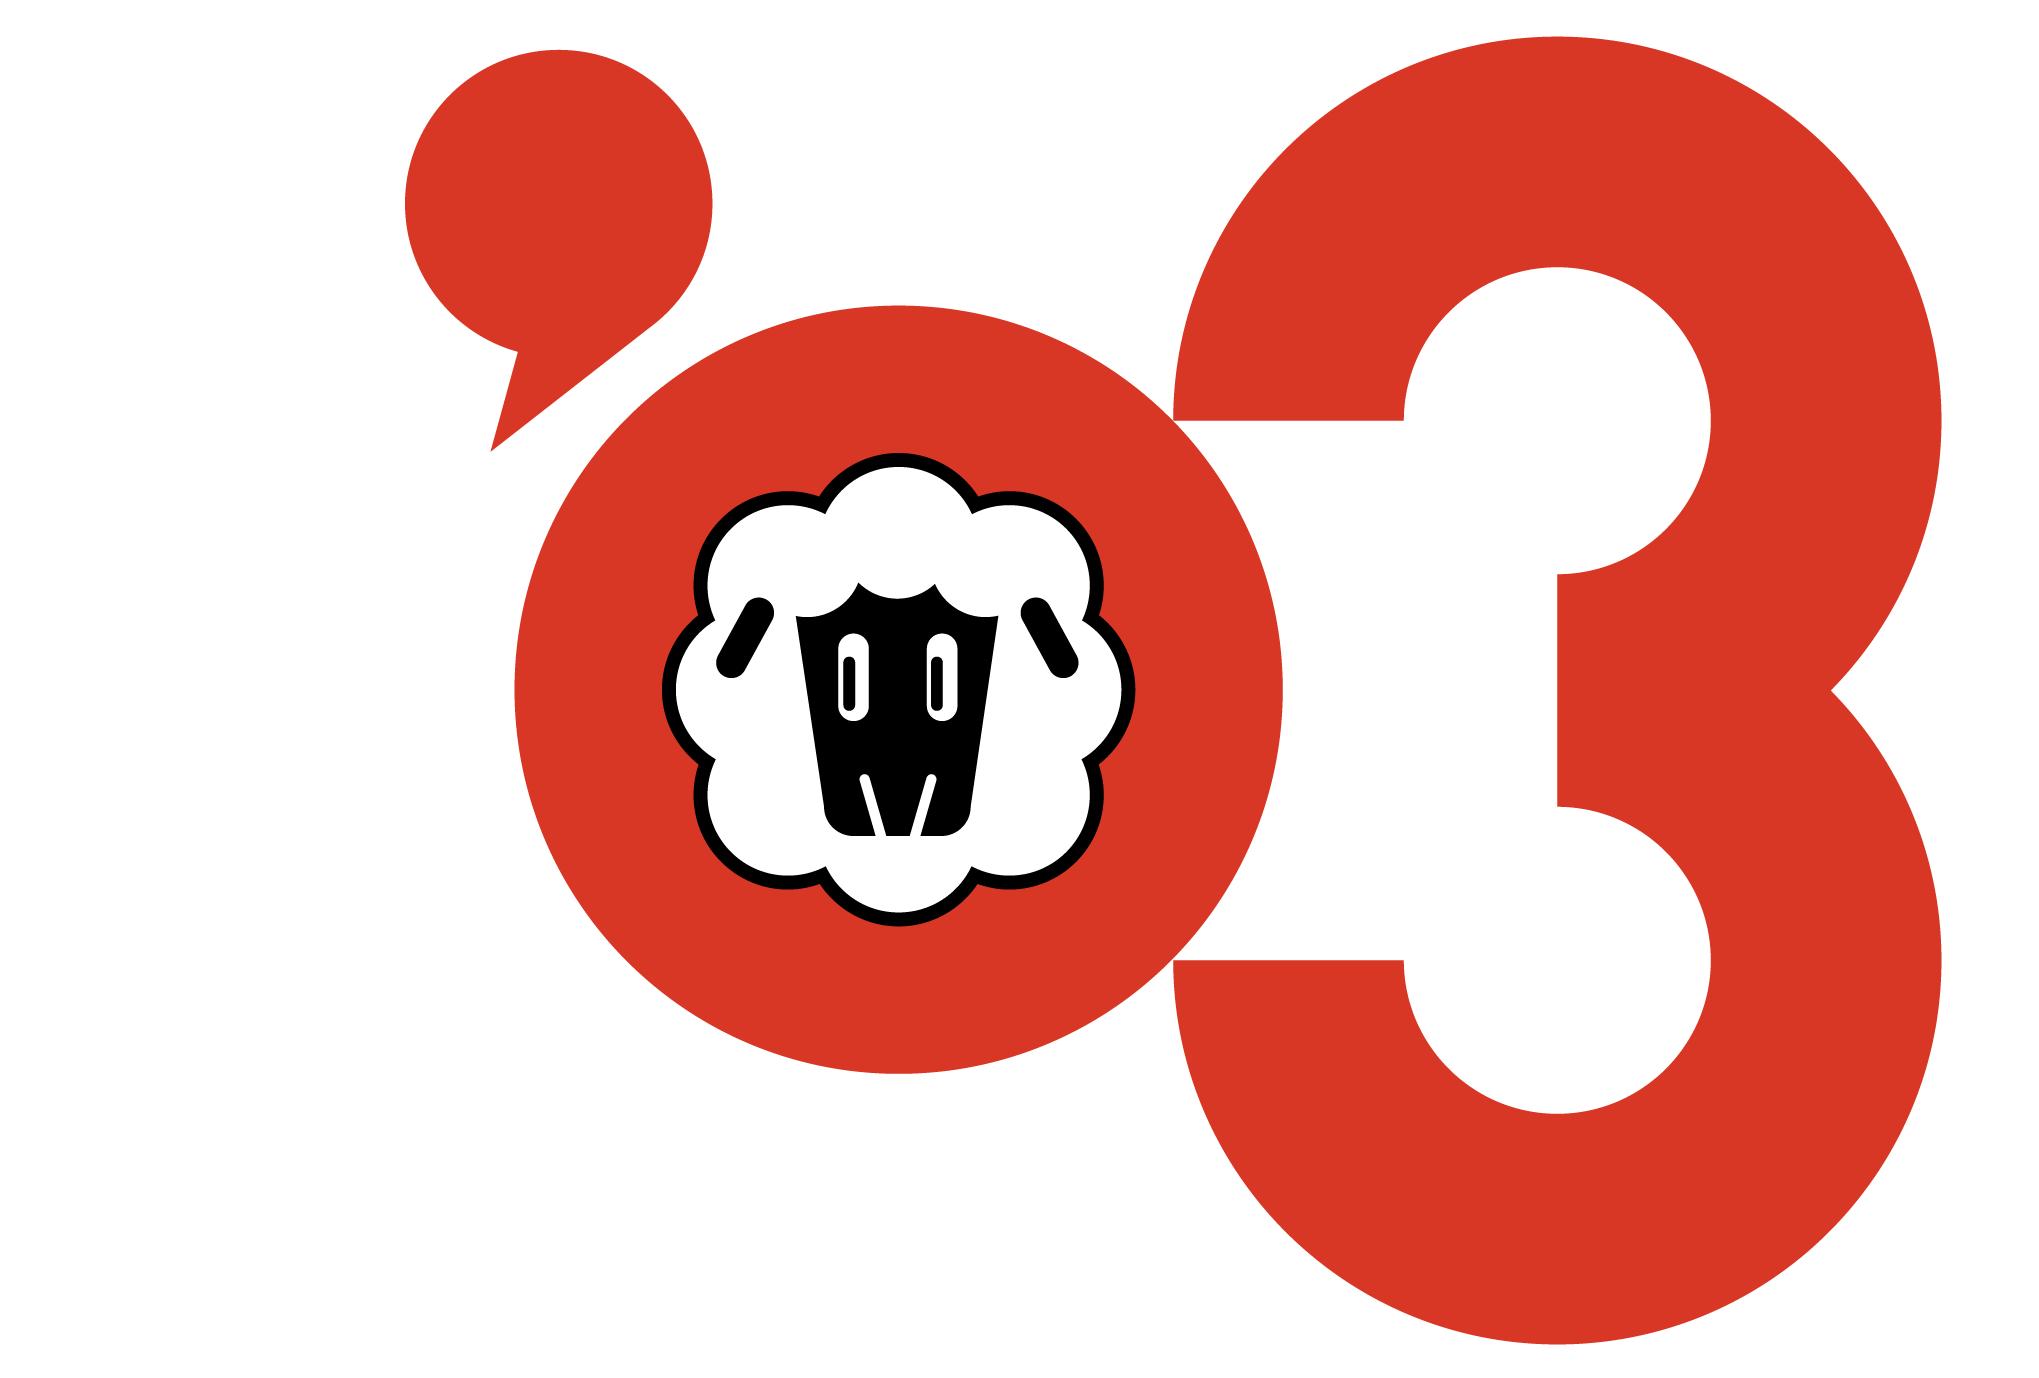 2003年賀状12:Sheep '03のダウンロード画像